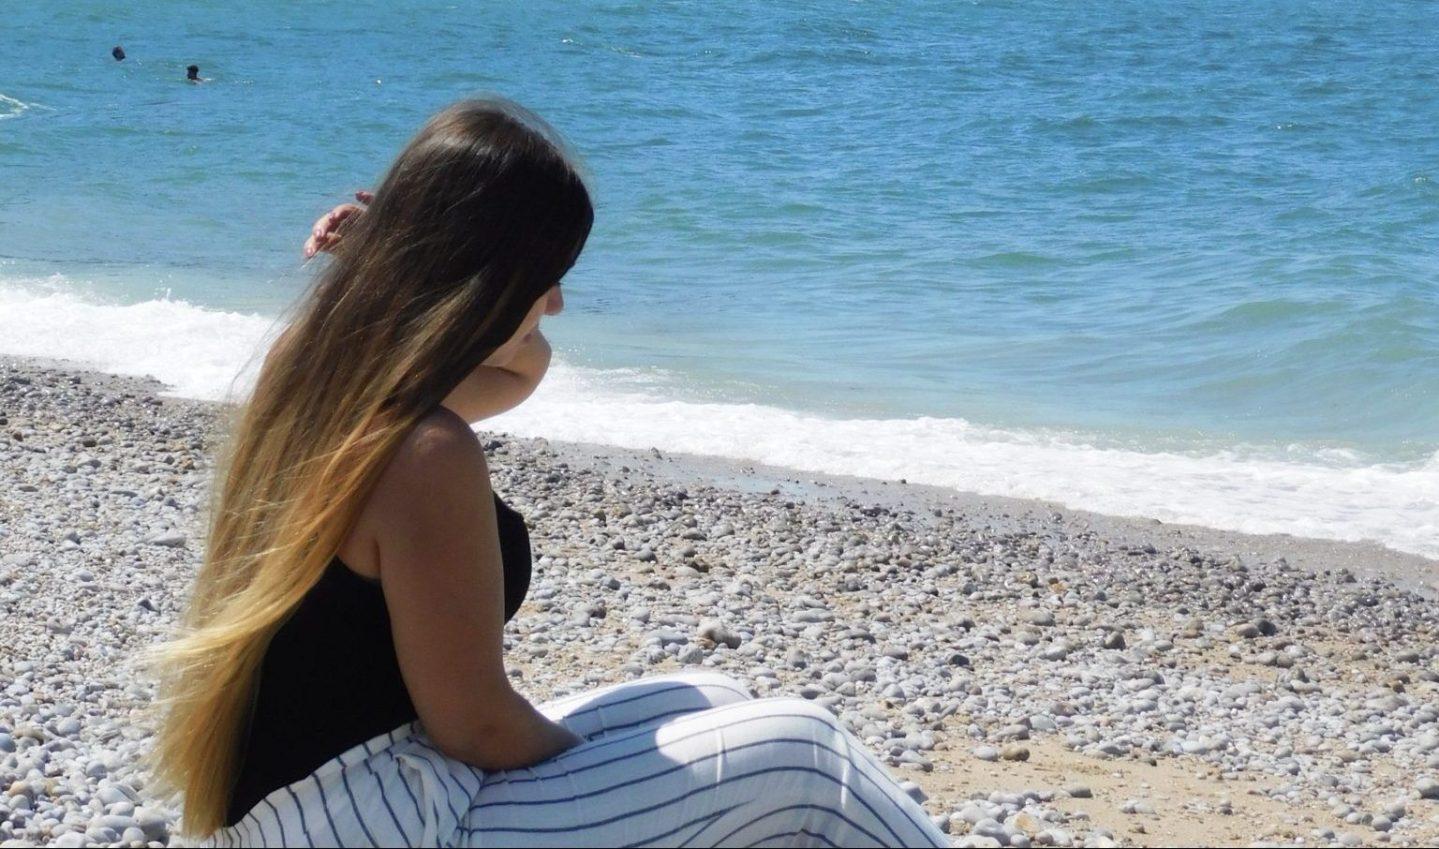 Célia à Etretat pendant l'été